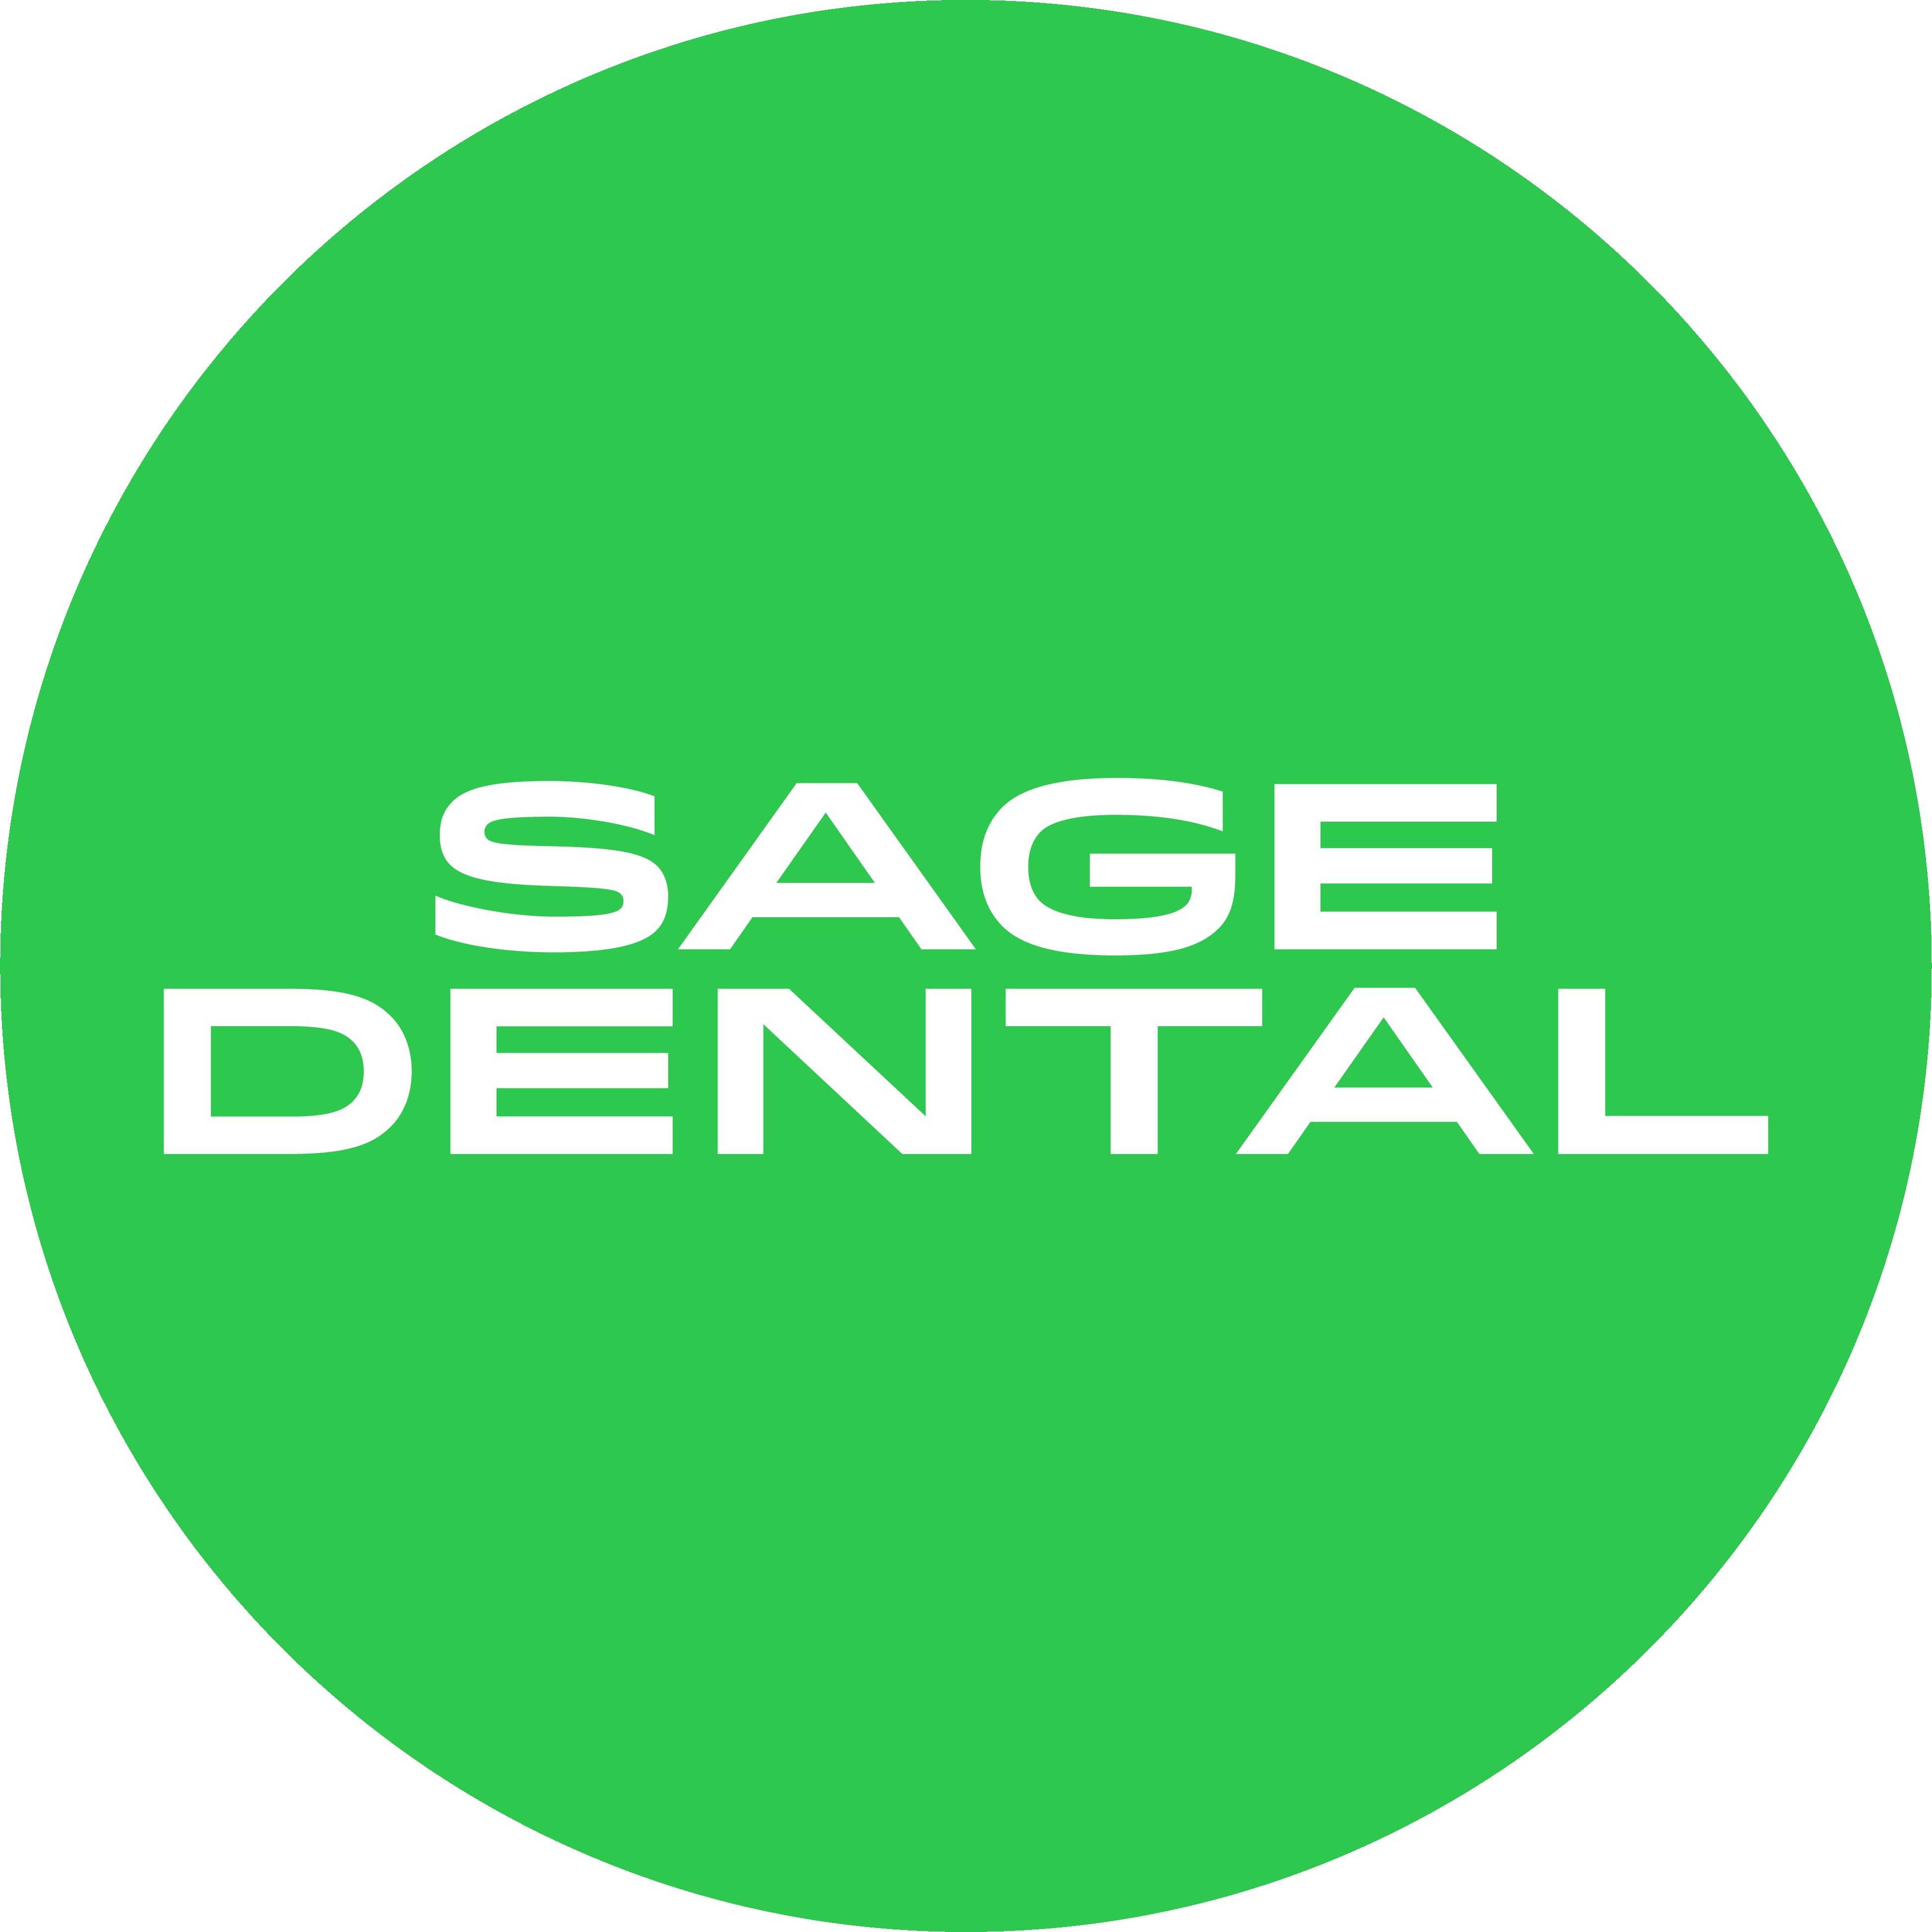 SageDental_Icons_SCREEN_Green_Circle (1)